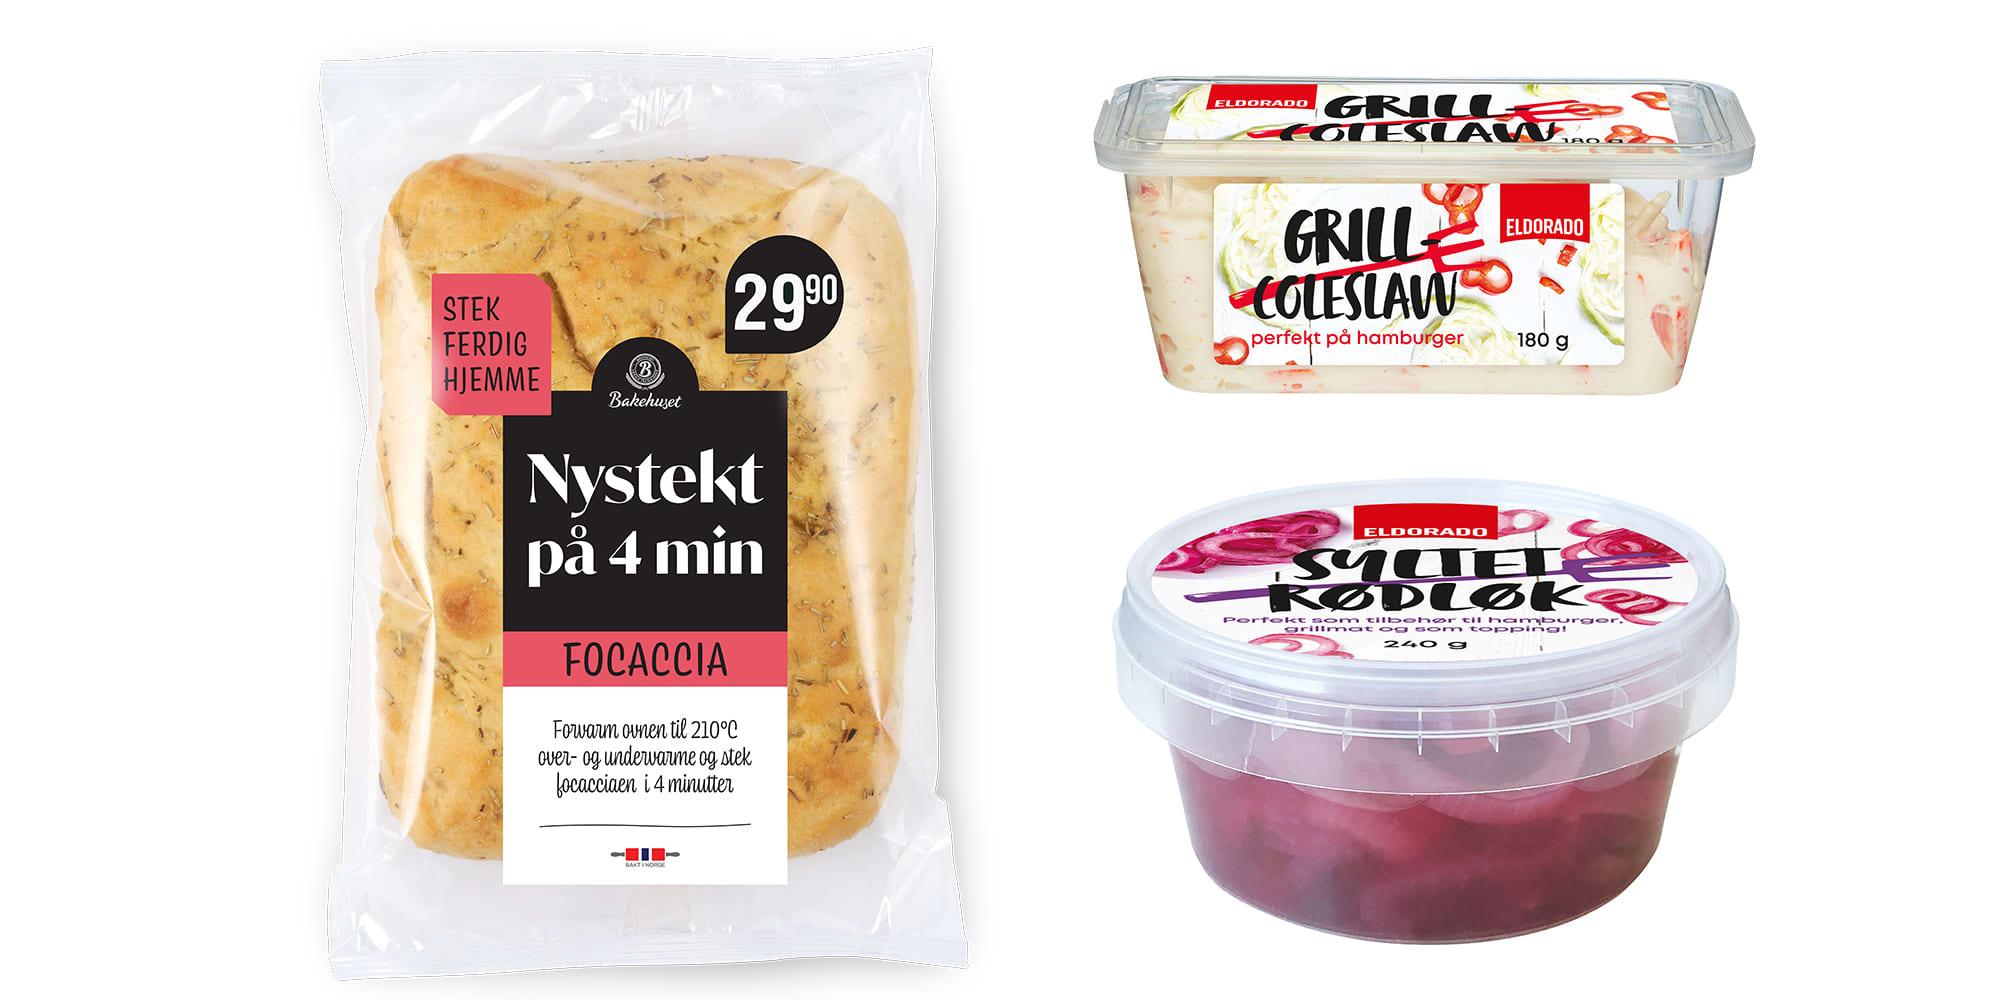 Foccacia, grill coleslaw og syltet rødløk.